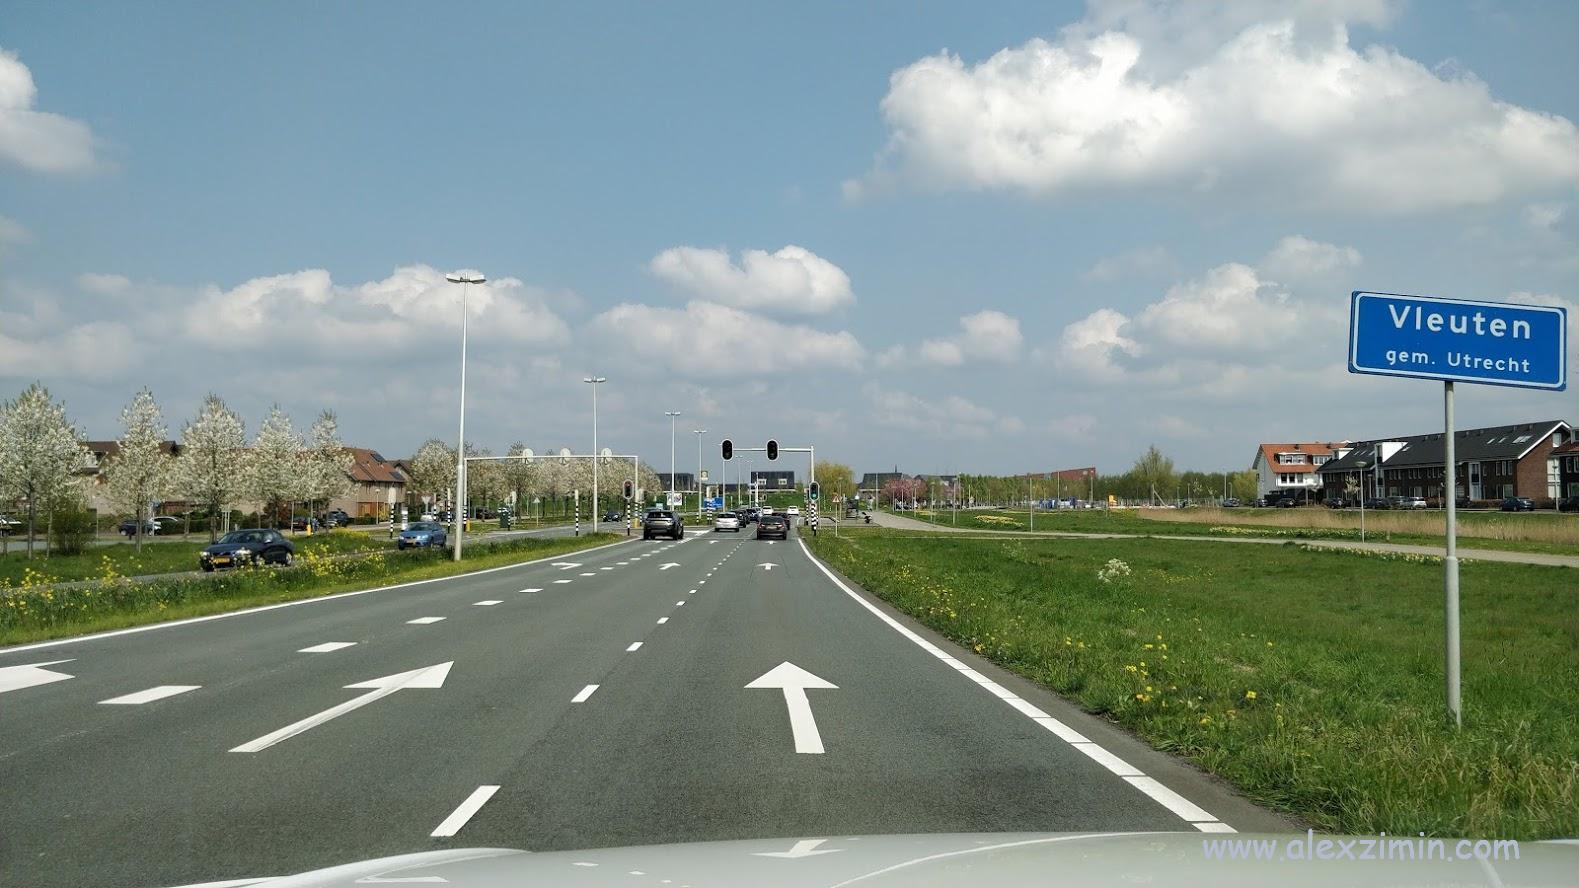 Аренда авто в Европе. Отзыв Лилии про аренду авто в Германии